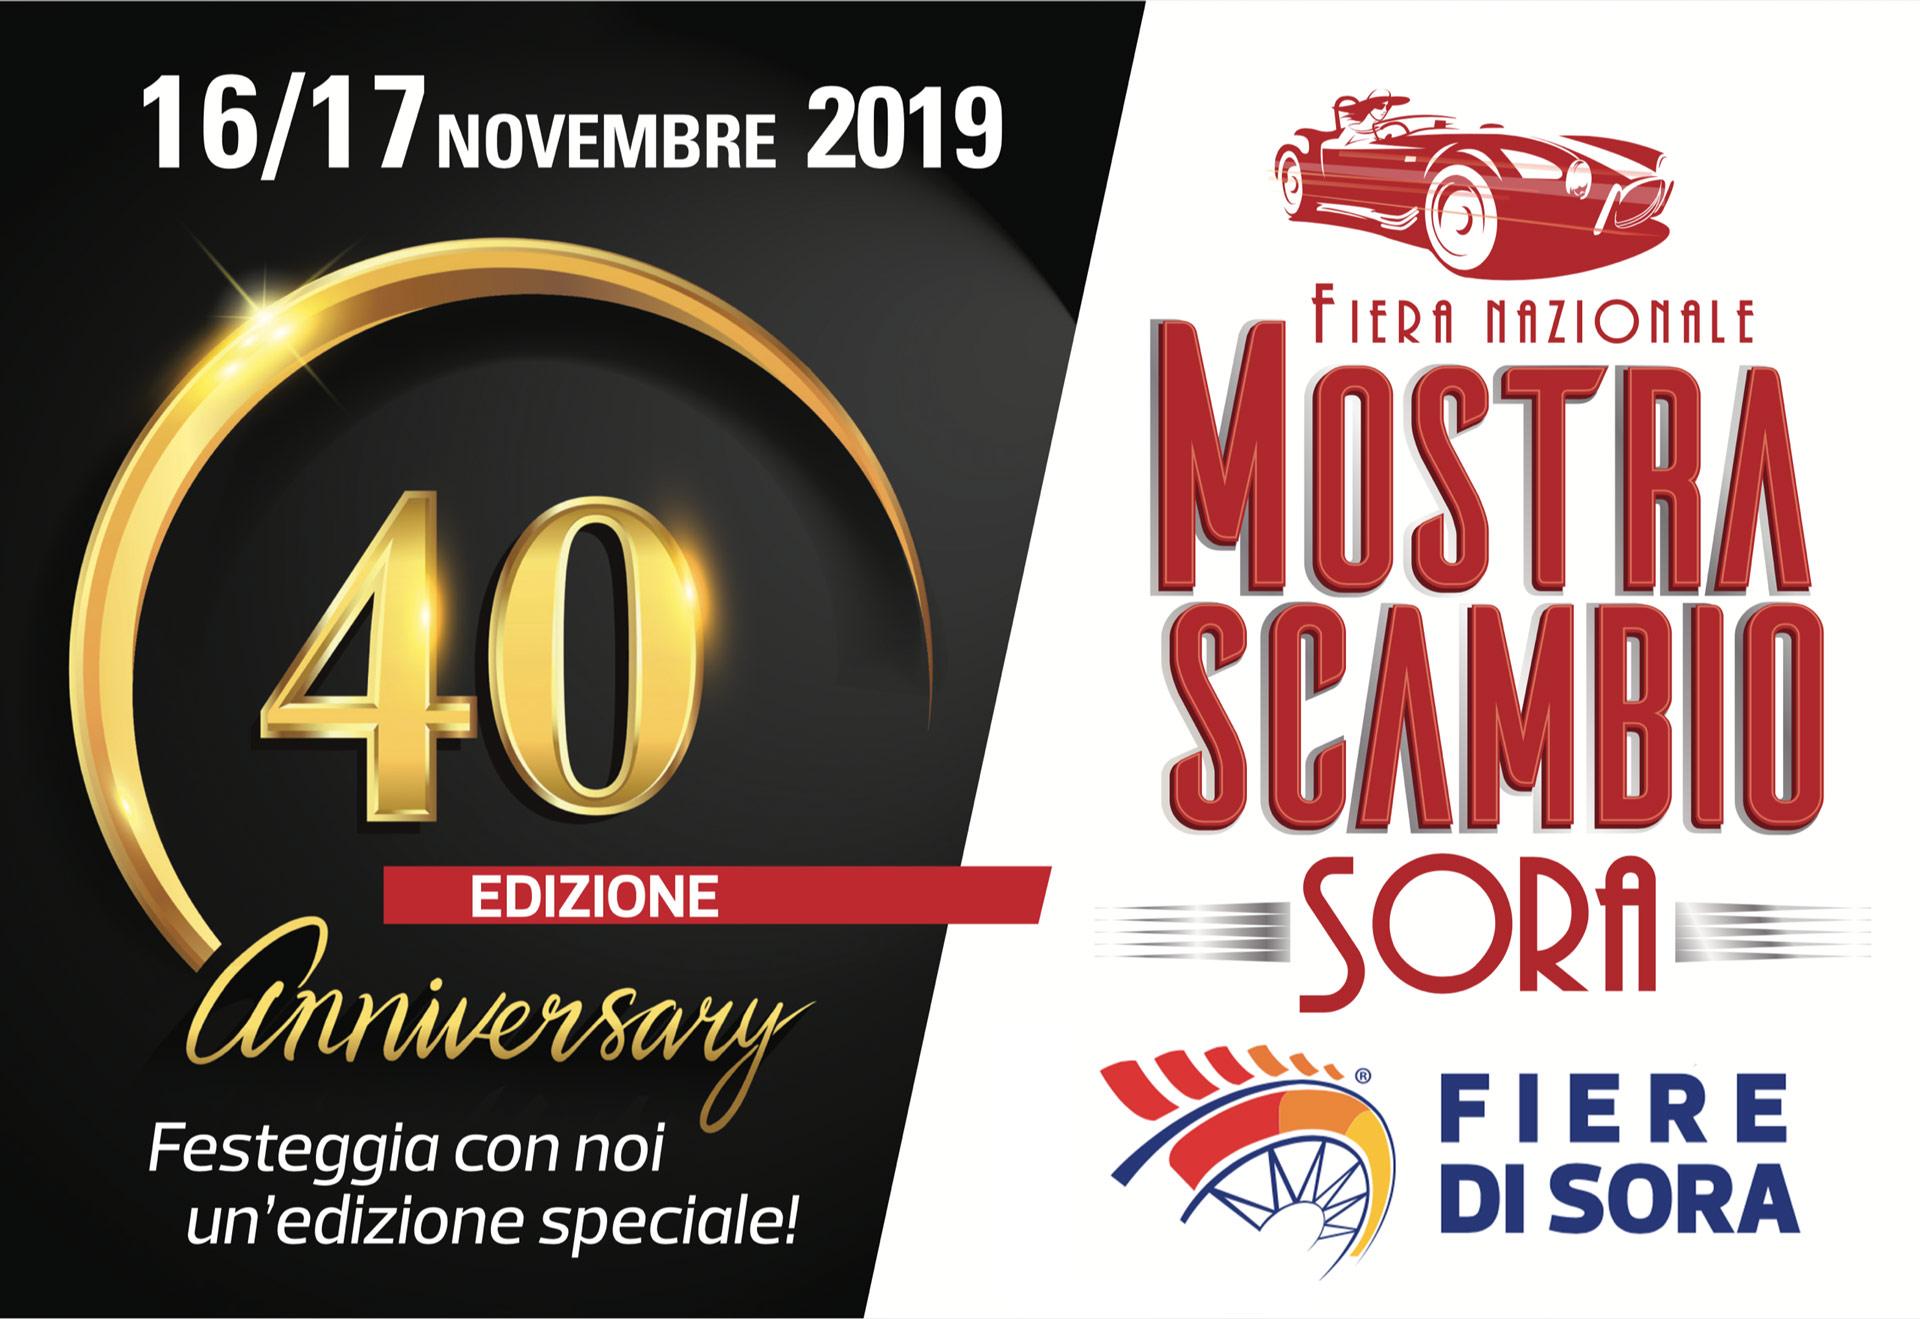 Fiera-Mostra-Scambio-Sora-40-Anniversario-Novembre-2019